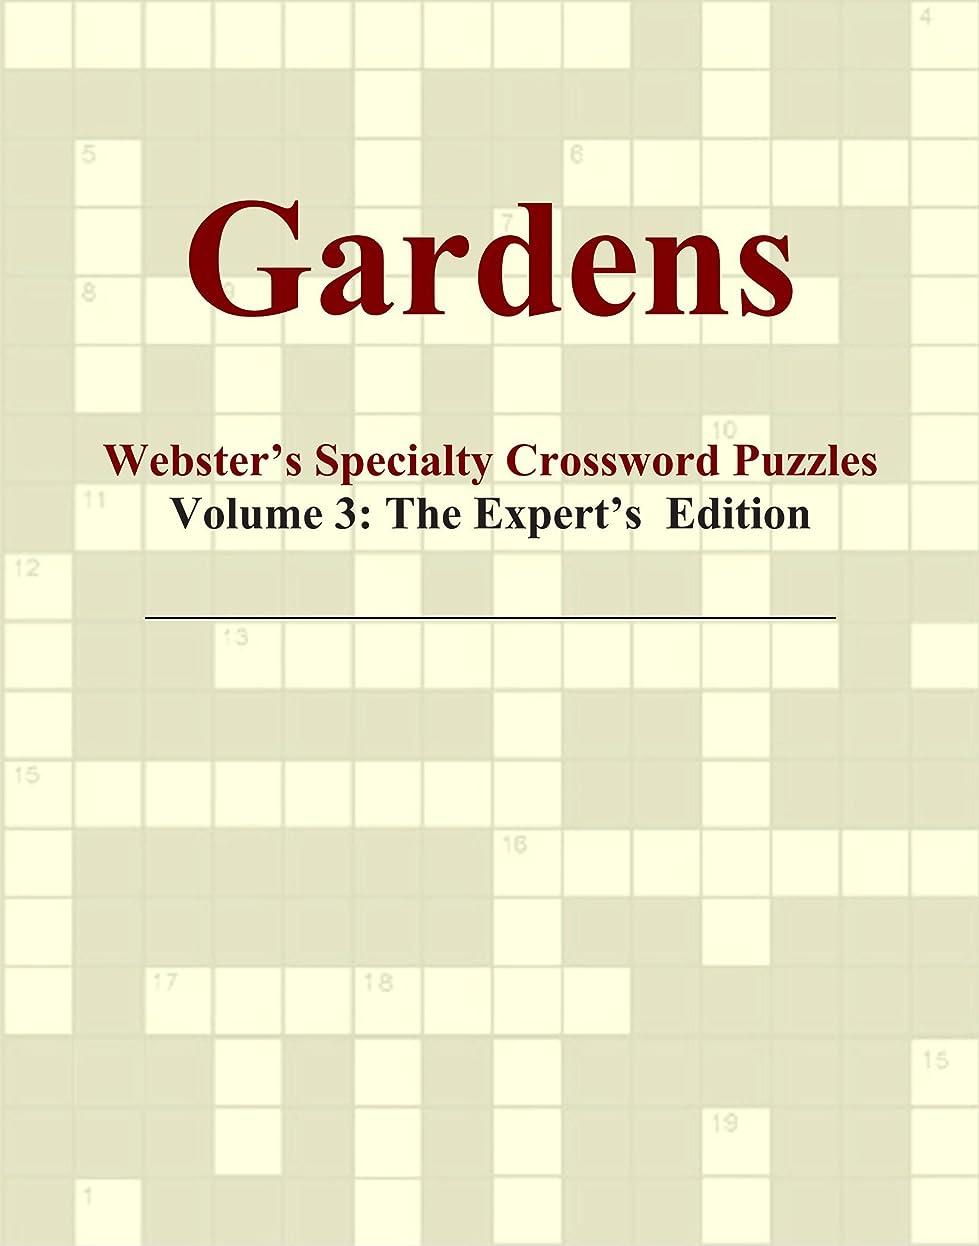 統治可能嫌がる重要Gardens - Webster's Specialty Crossword Puzzles, Volume 3: The Expert's Edition